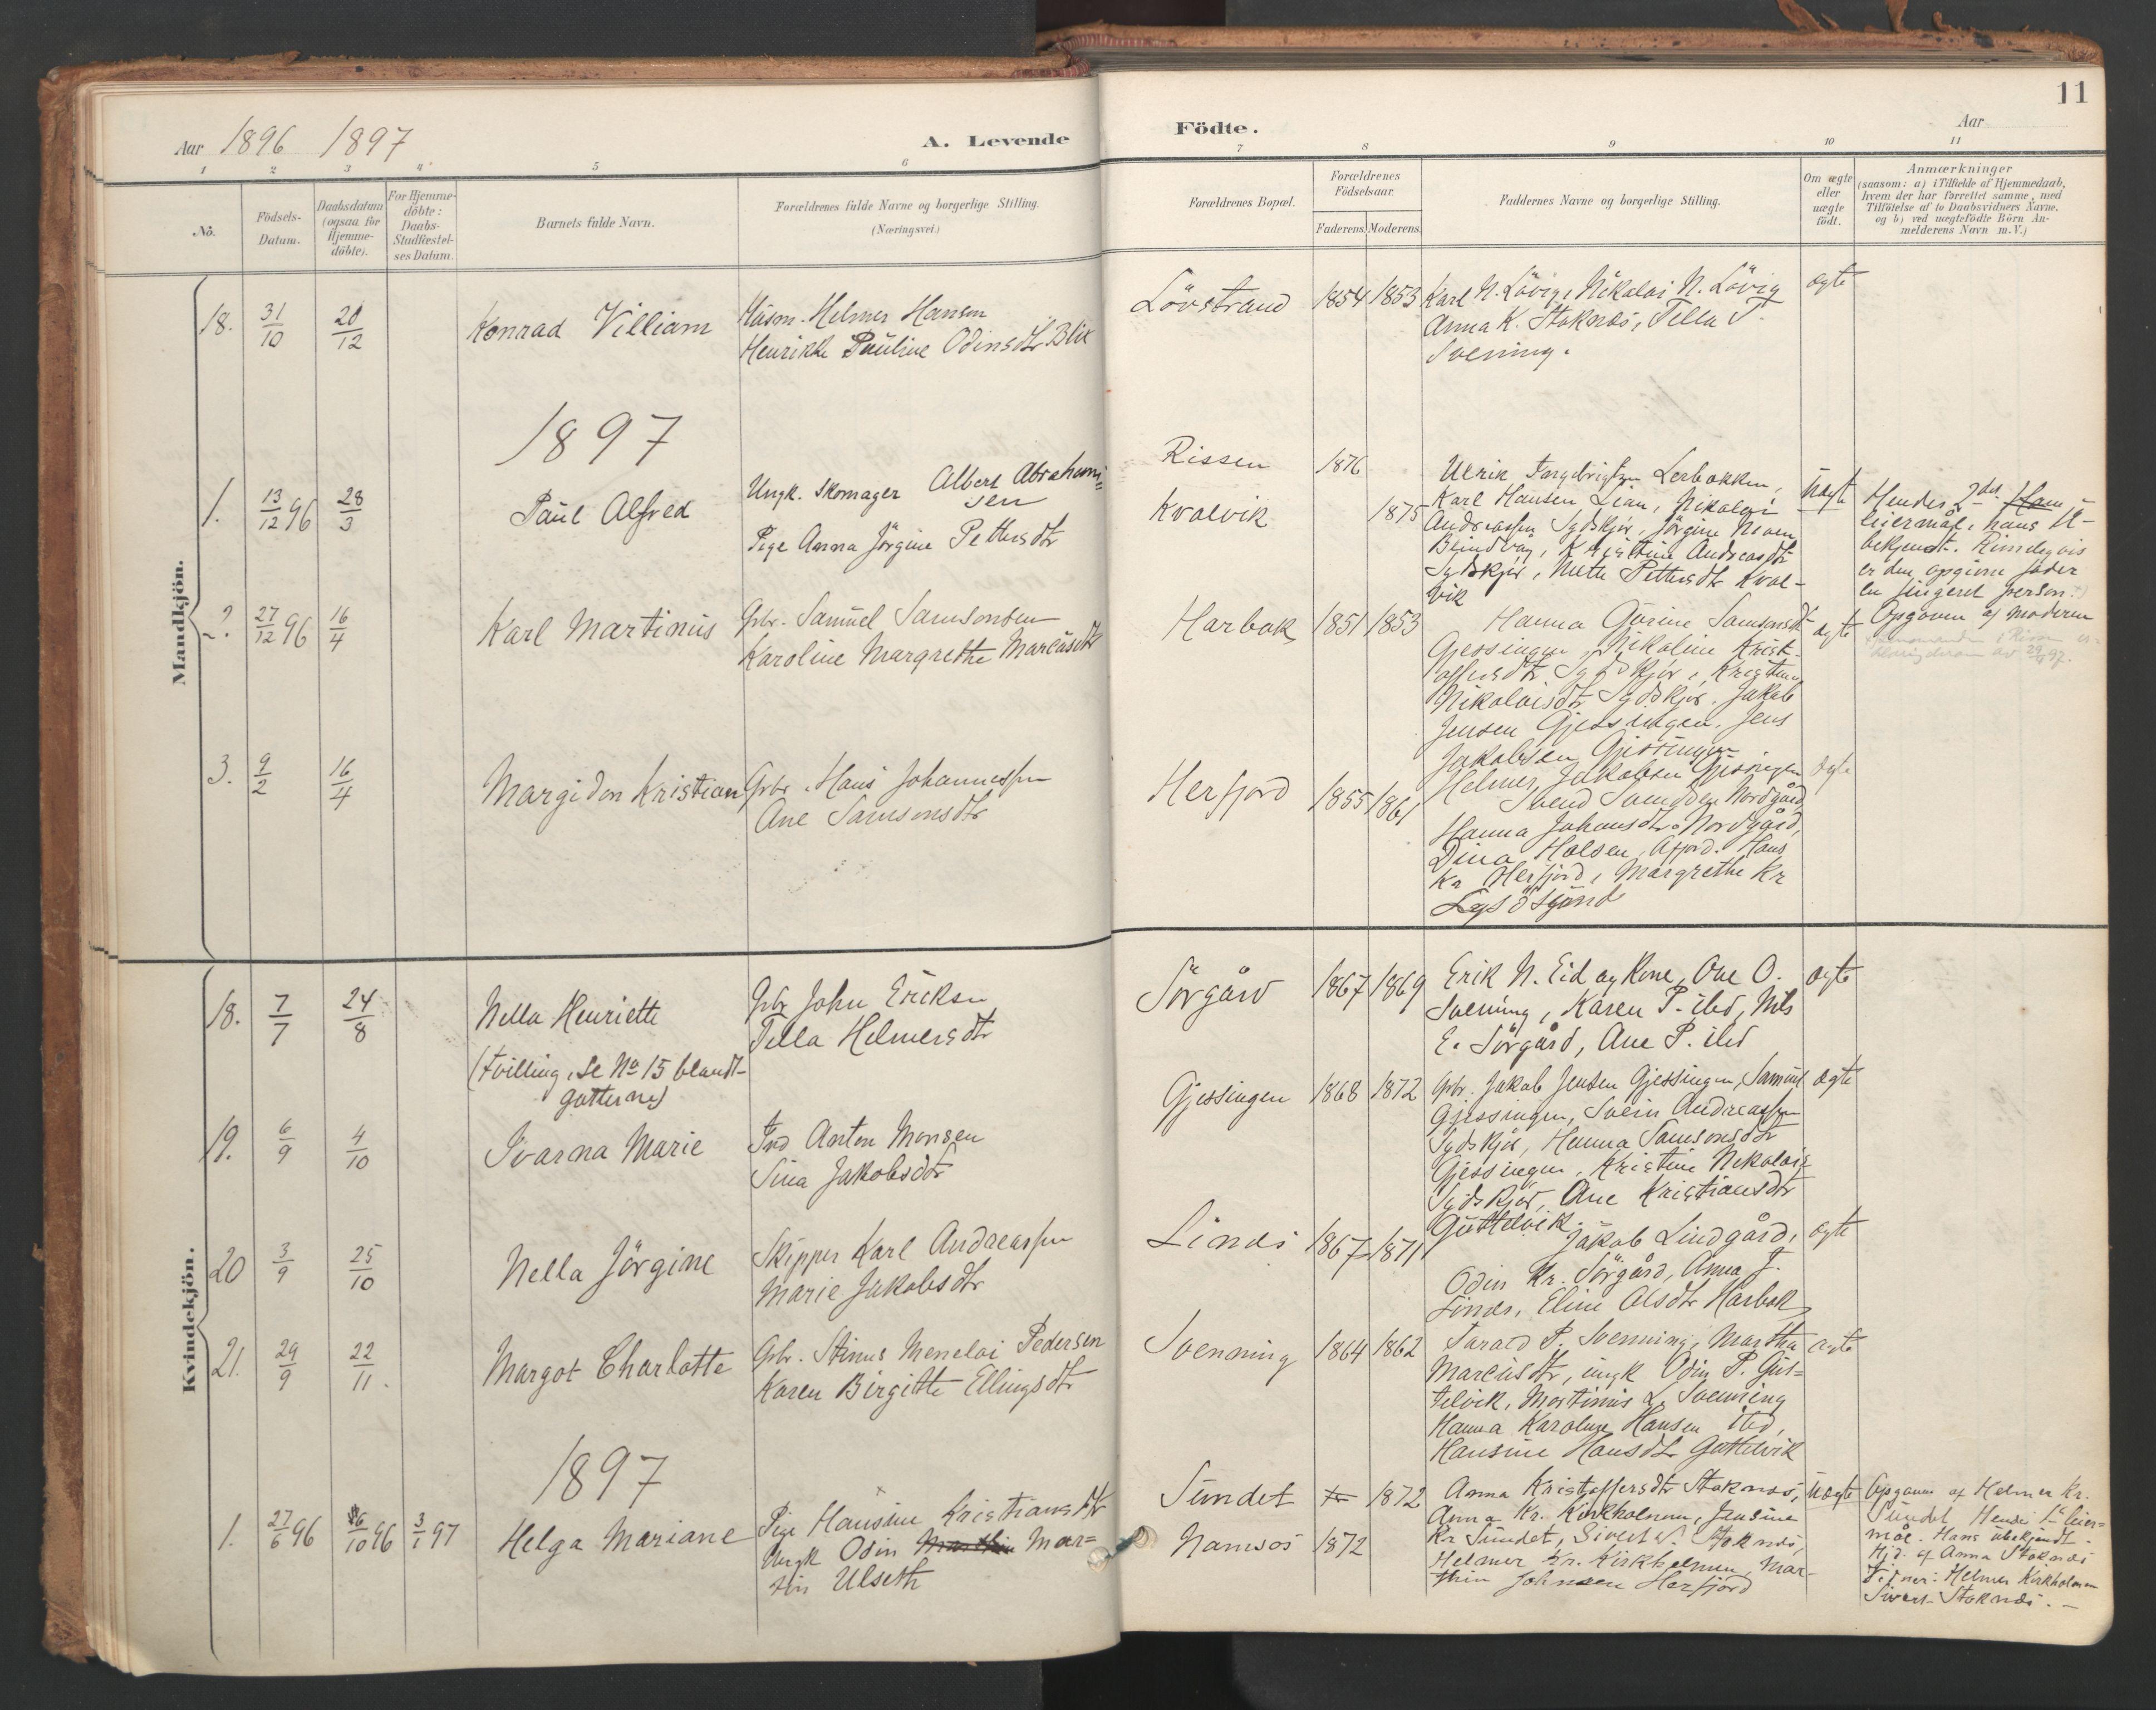 SAT, Ministerialprotokoller, klokkerbøker og fødselsregistre - Sør-Trøndelag, 656/L0693: Ministerialbok nr. 656A02, 1894-1913, s. 11